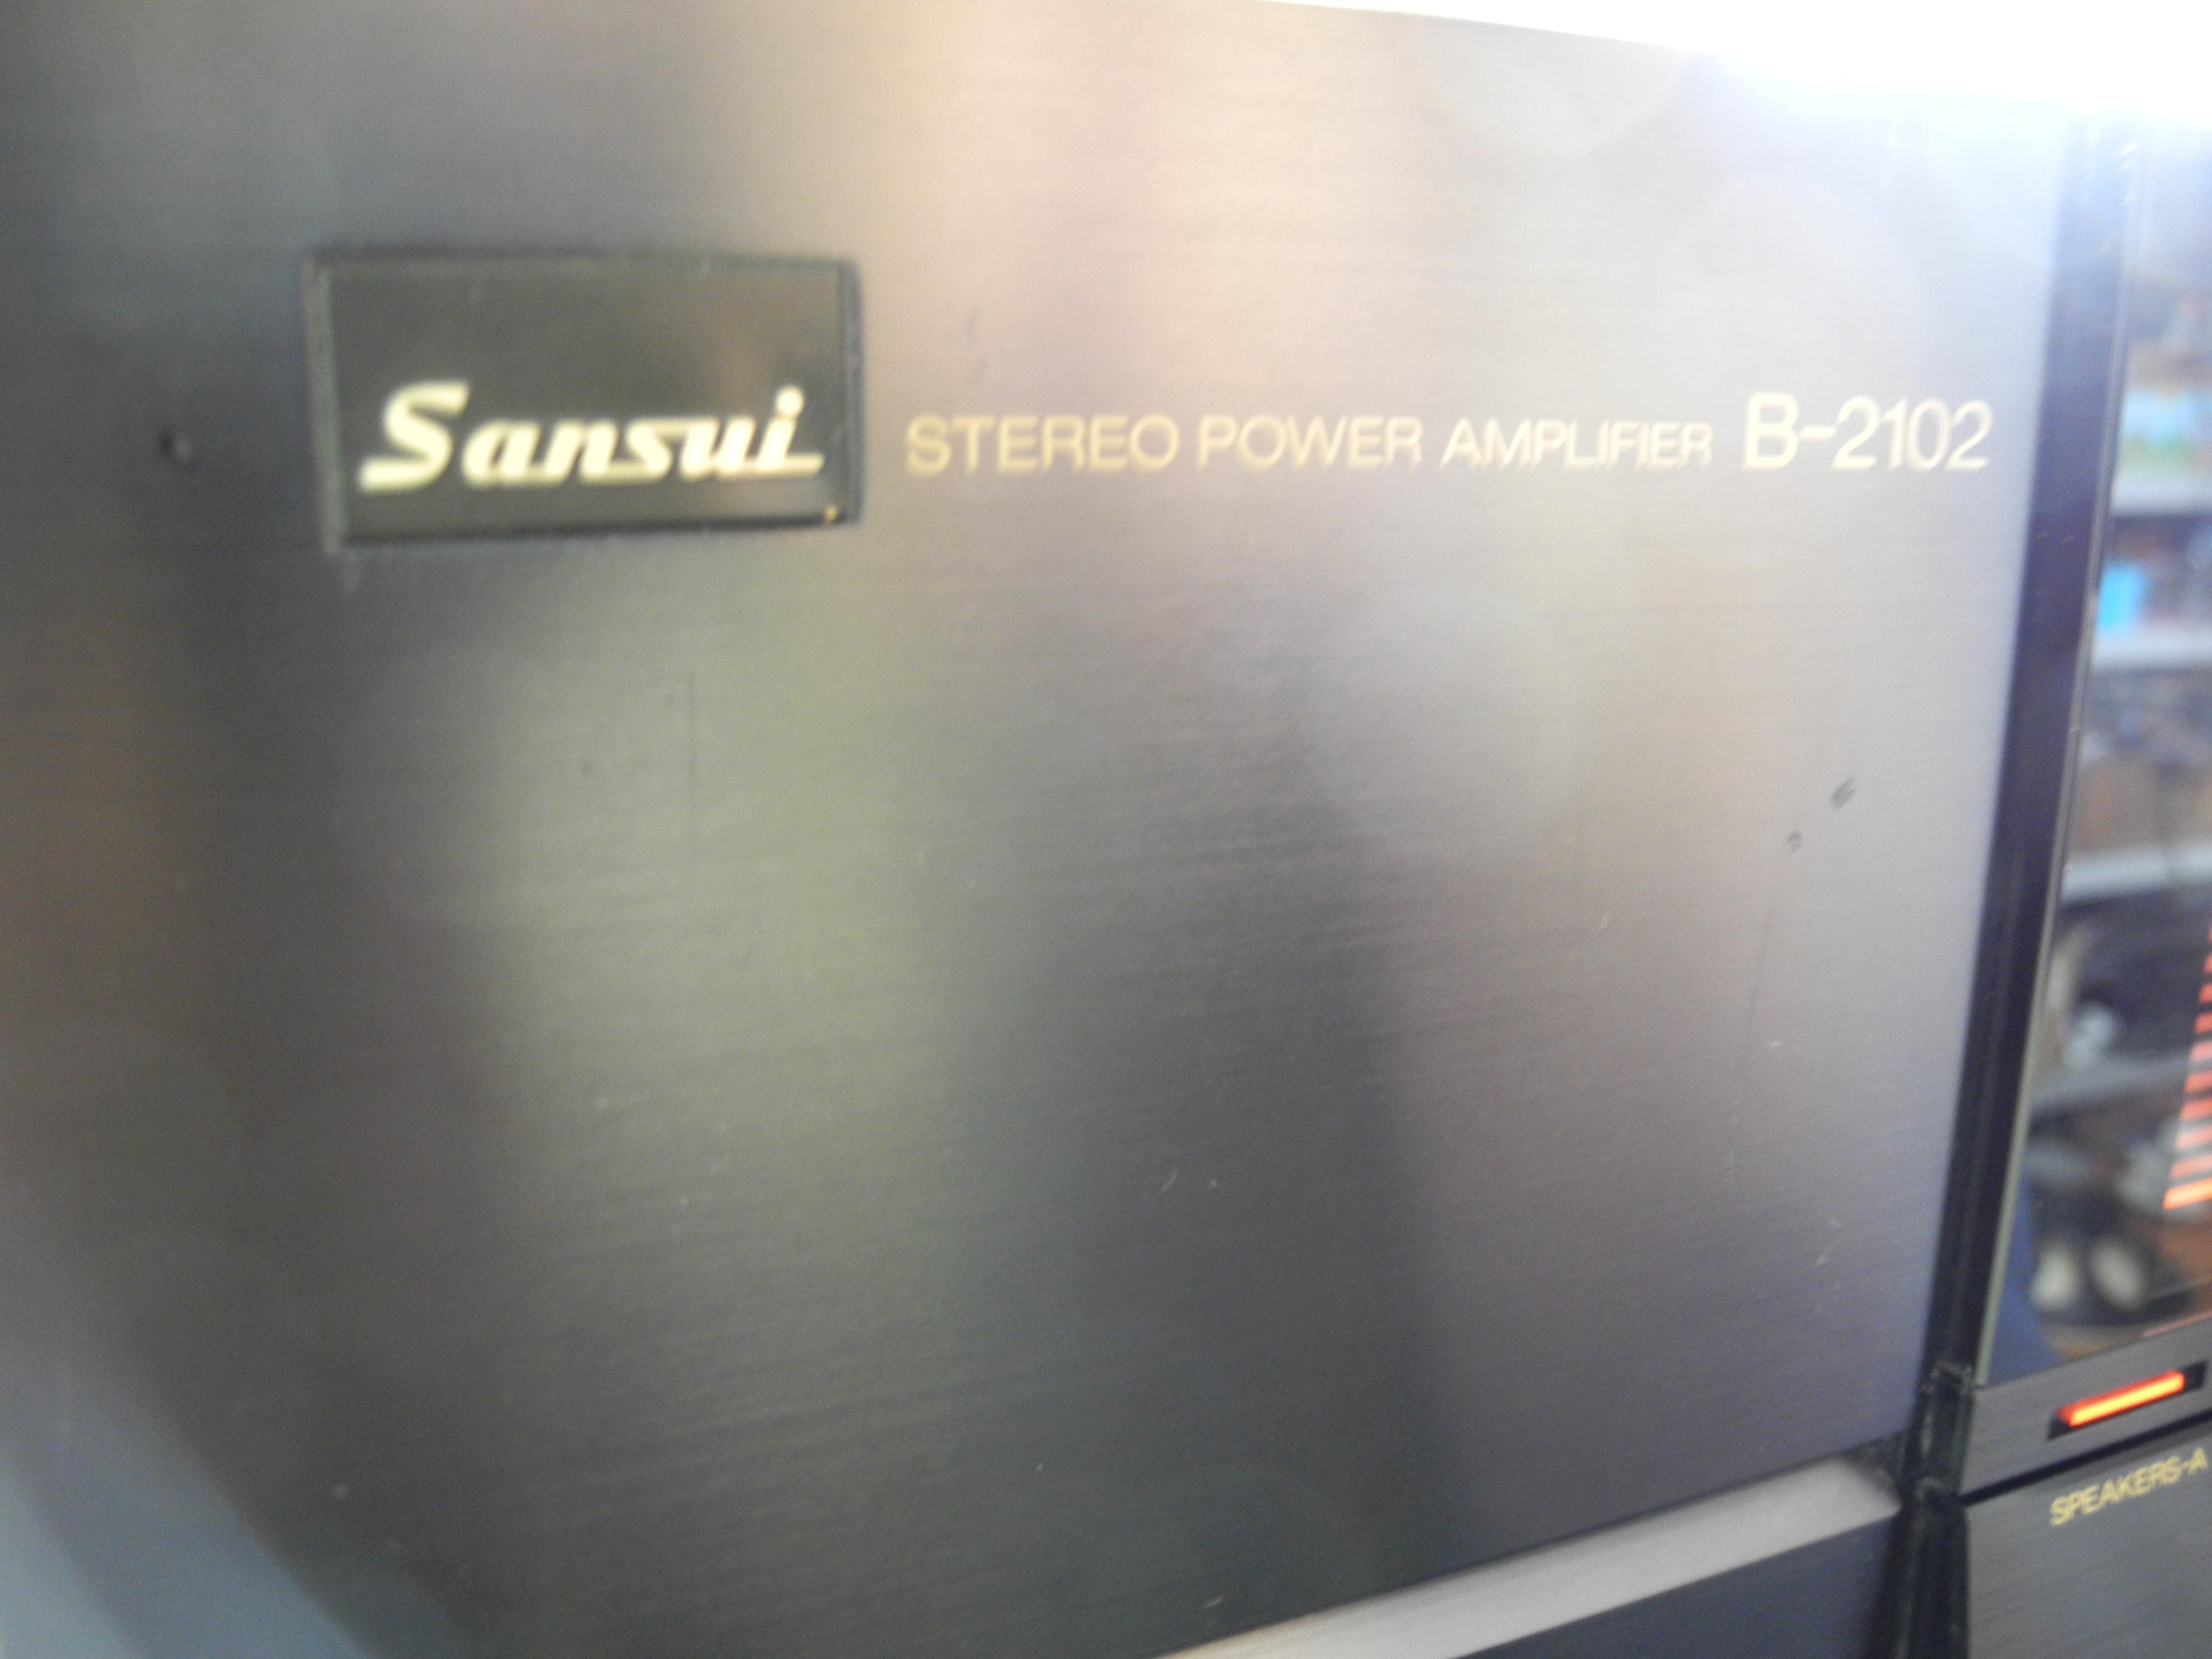 Sansui B-2102